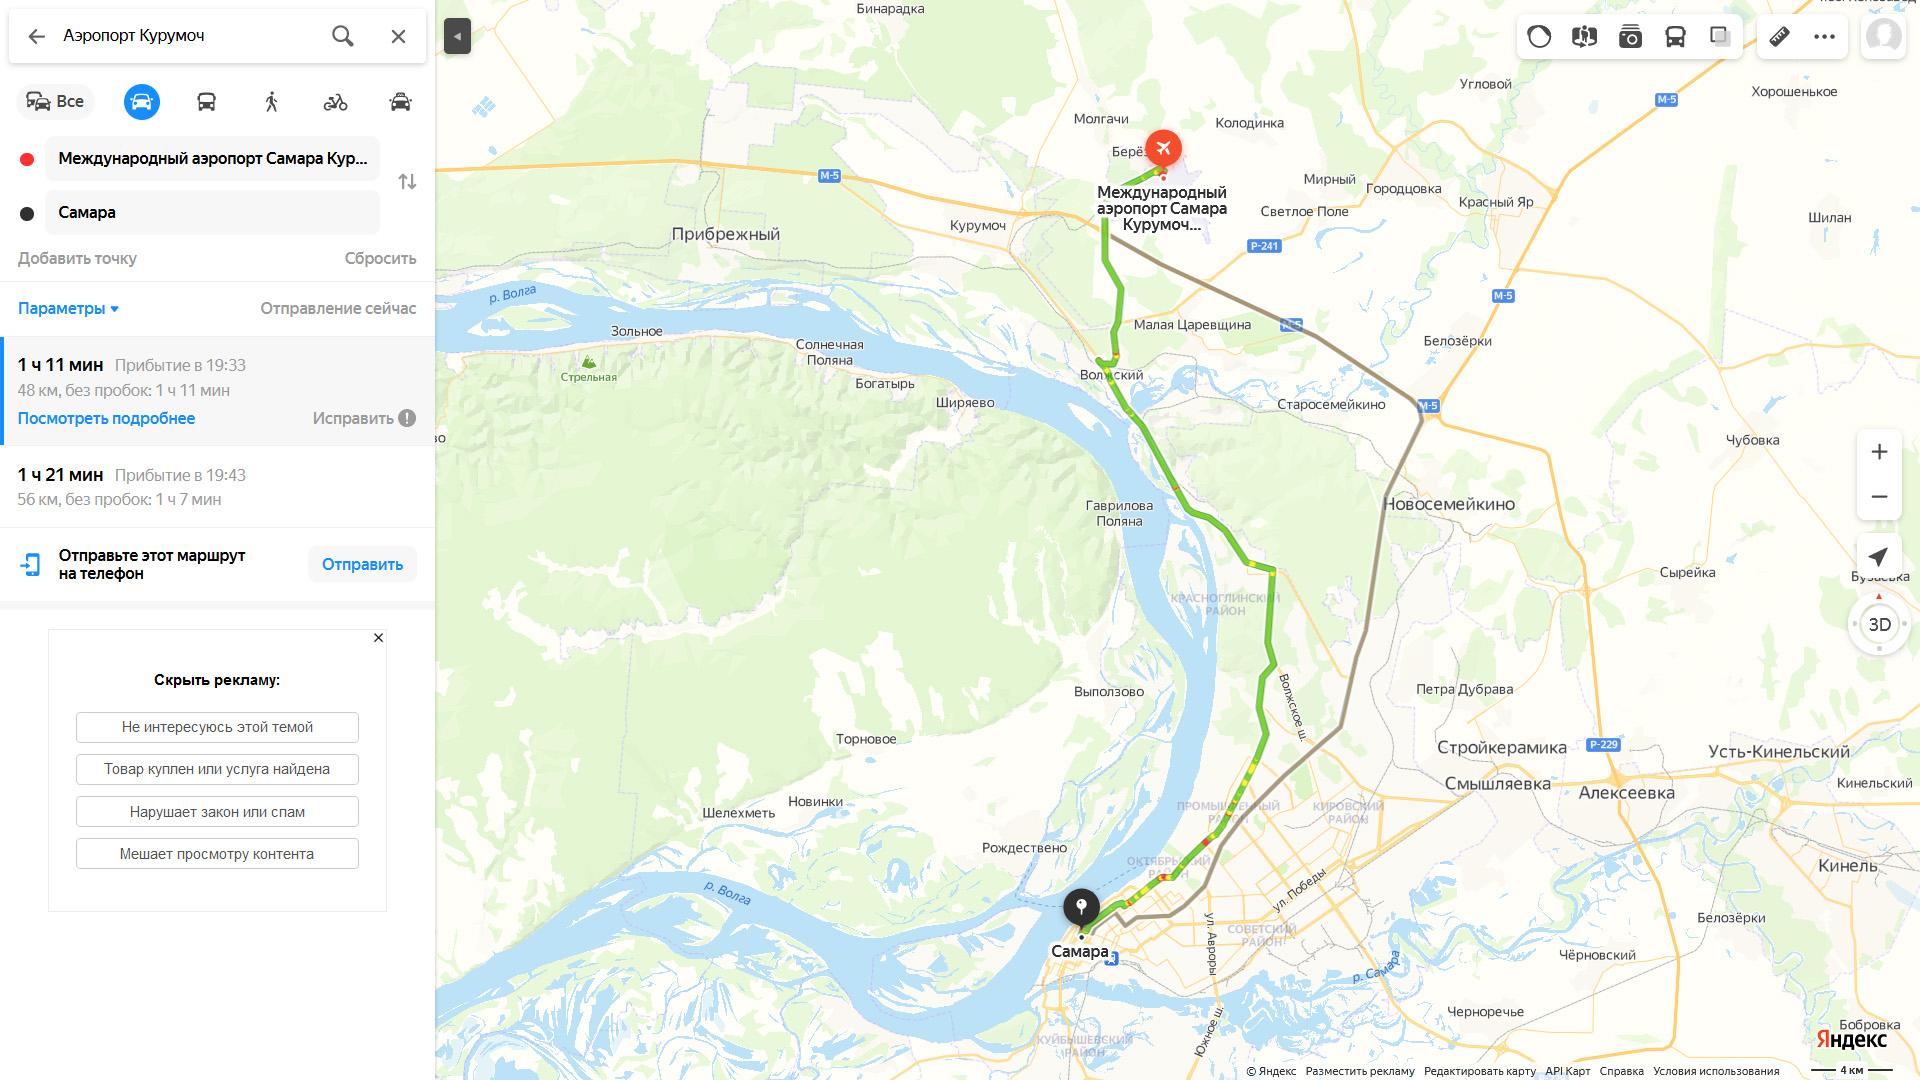 Самара аэропорт Курумоч как добраться на автомобиле карта и адрес